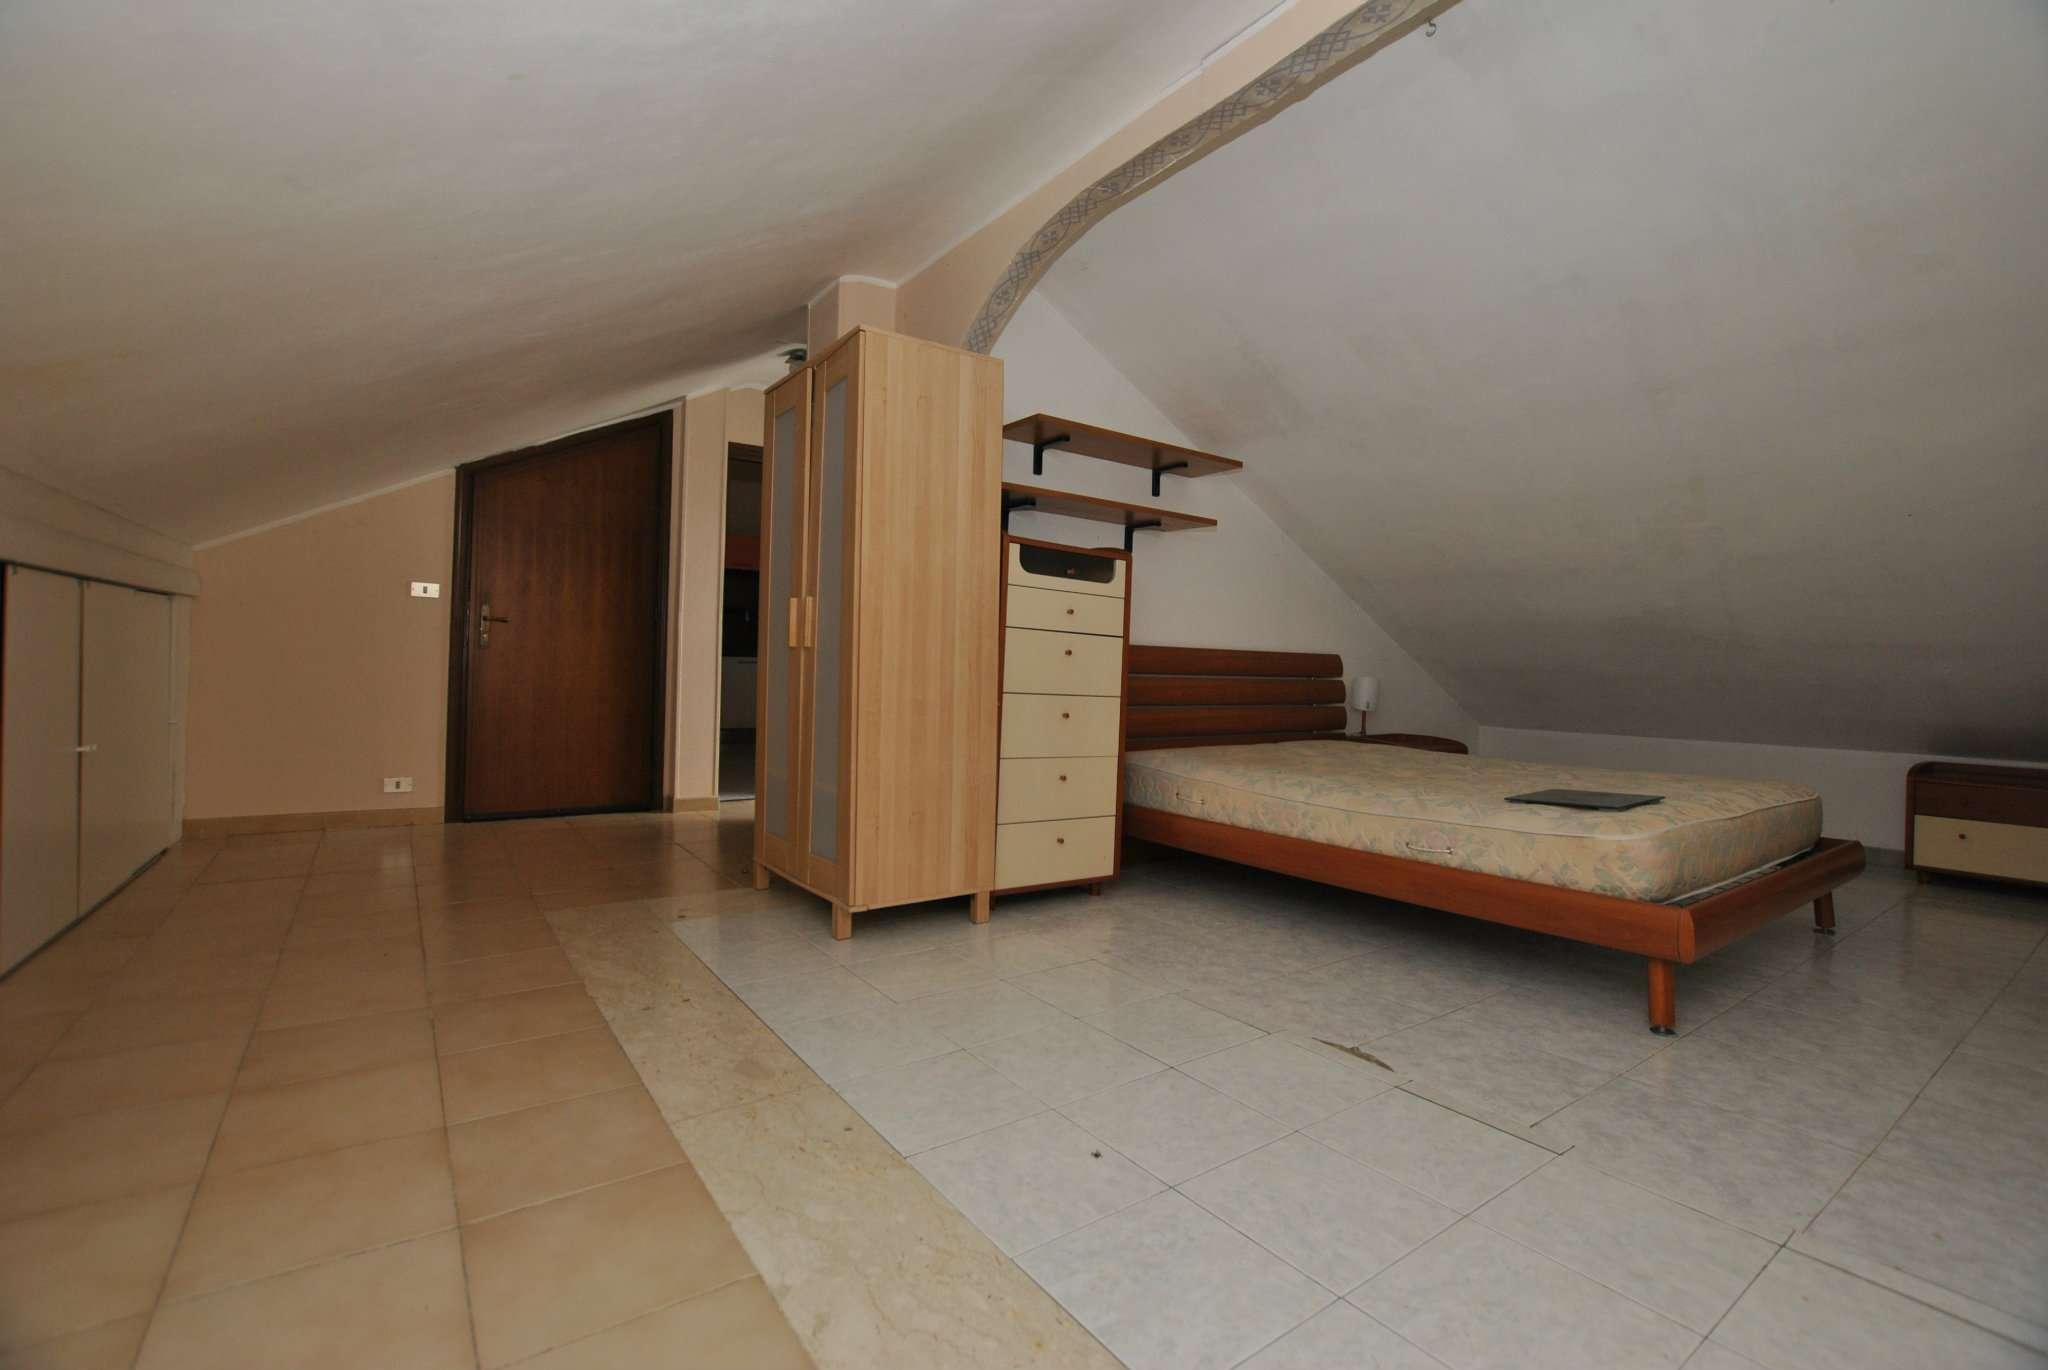 Attico / Mansarda in affitto a Sant'Antonino di Susa, 2 locali, prezzo € 280 | CambioCasa.it